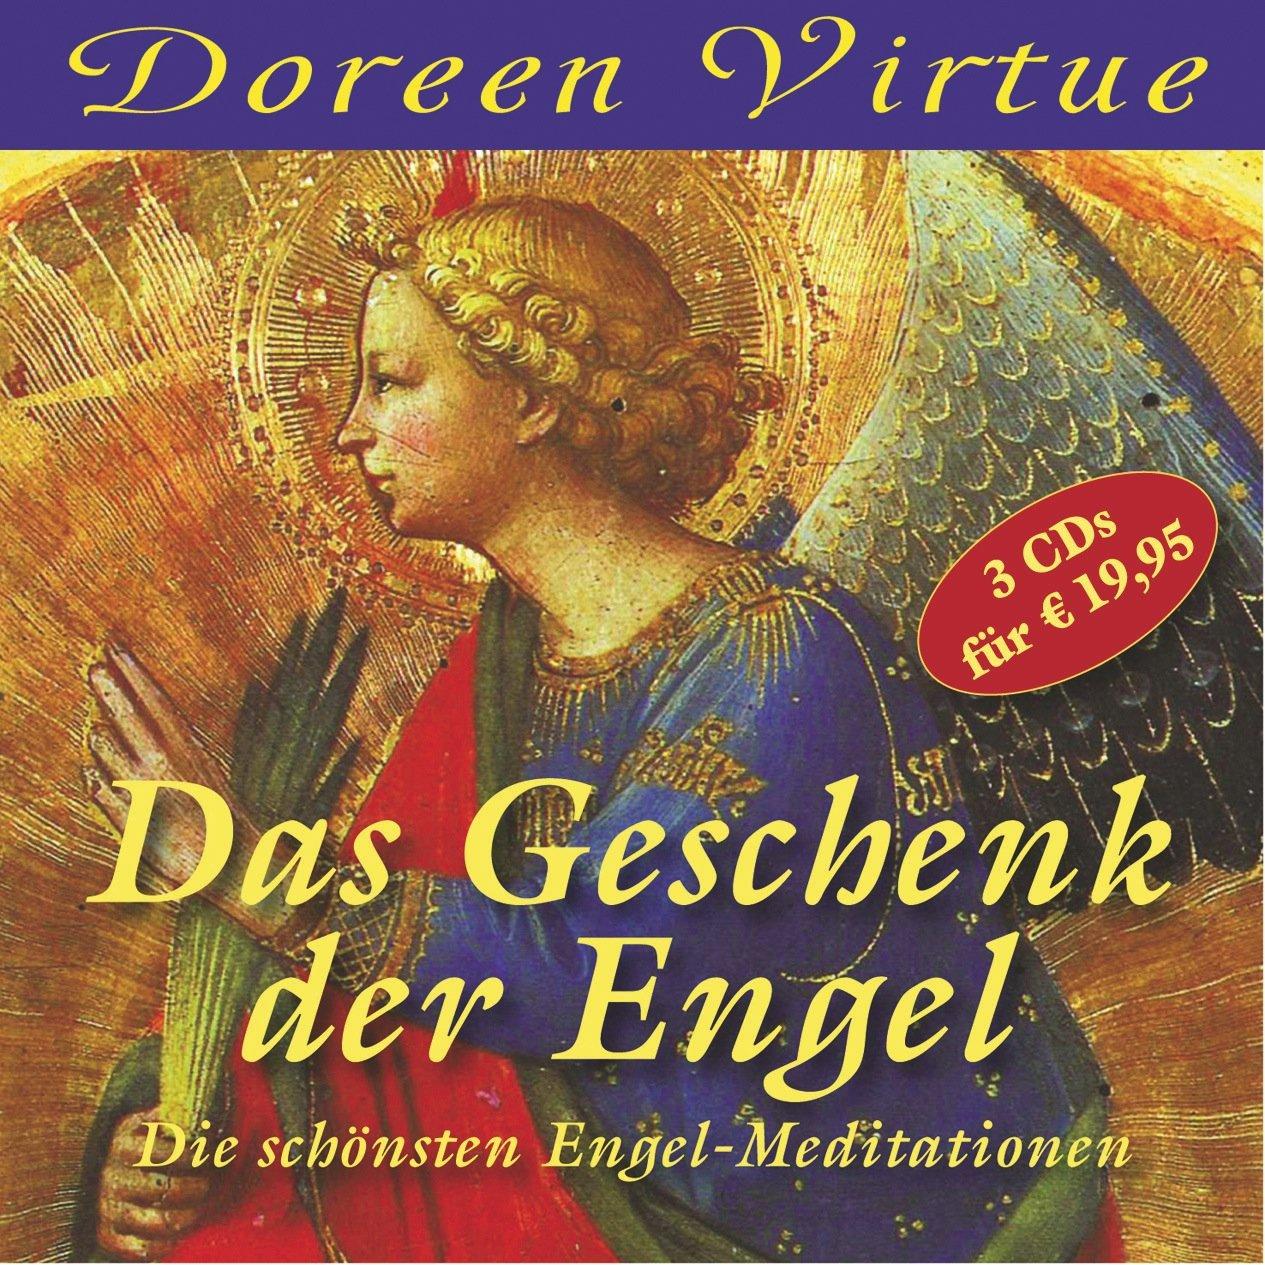 Das Geschenk der Engel: 3 CDs